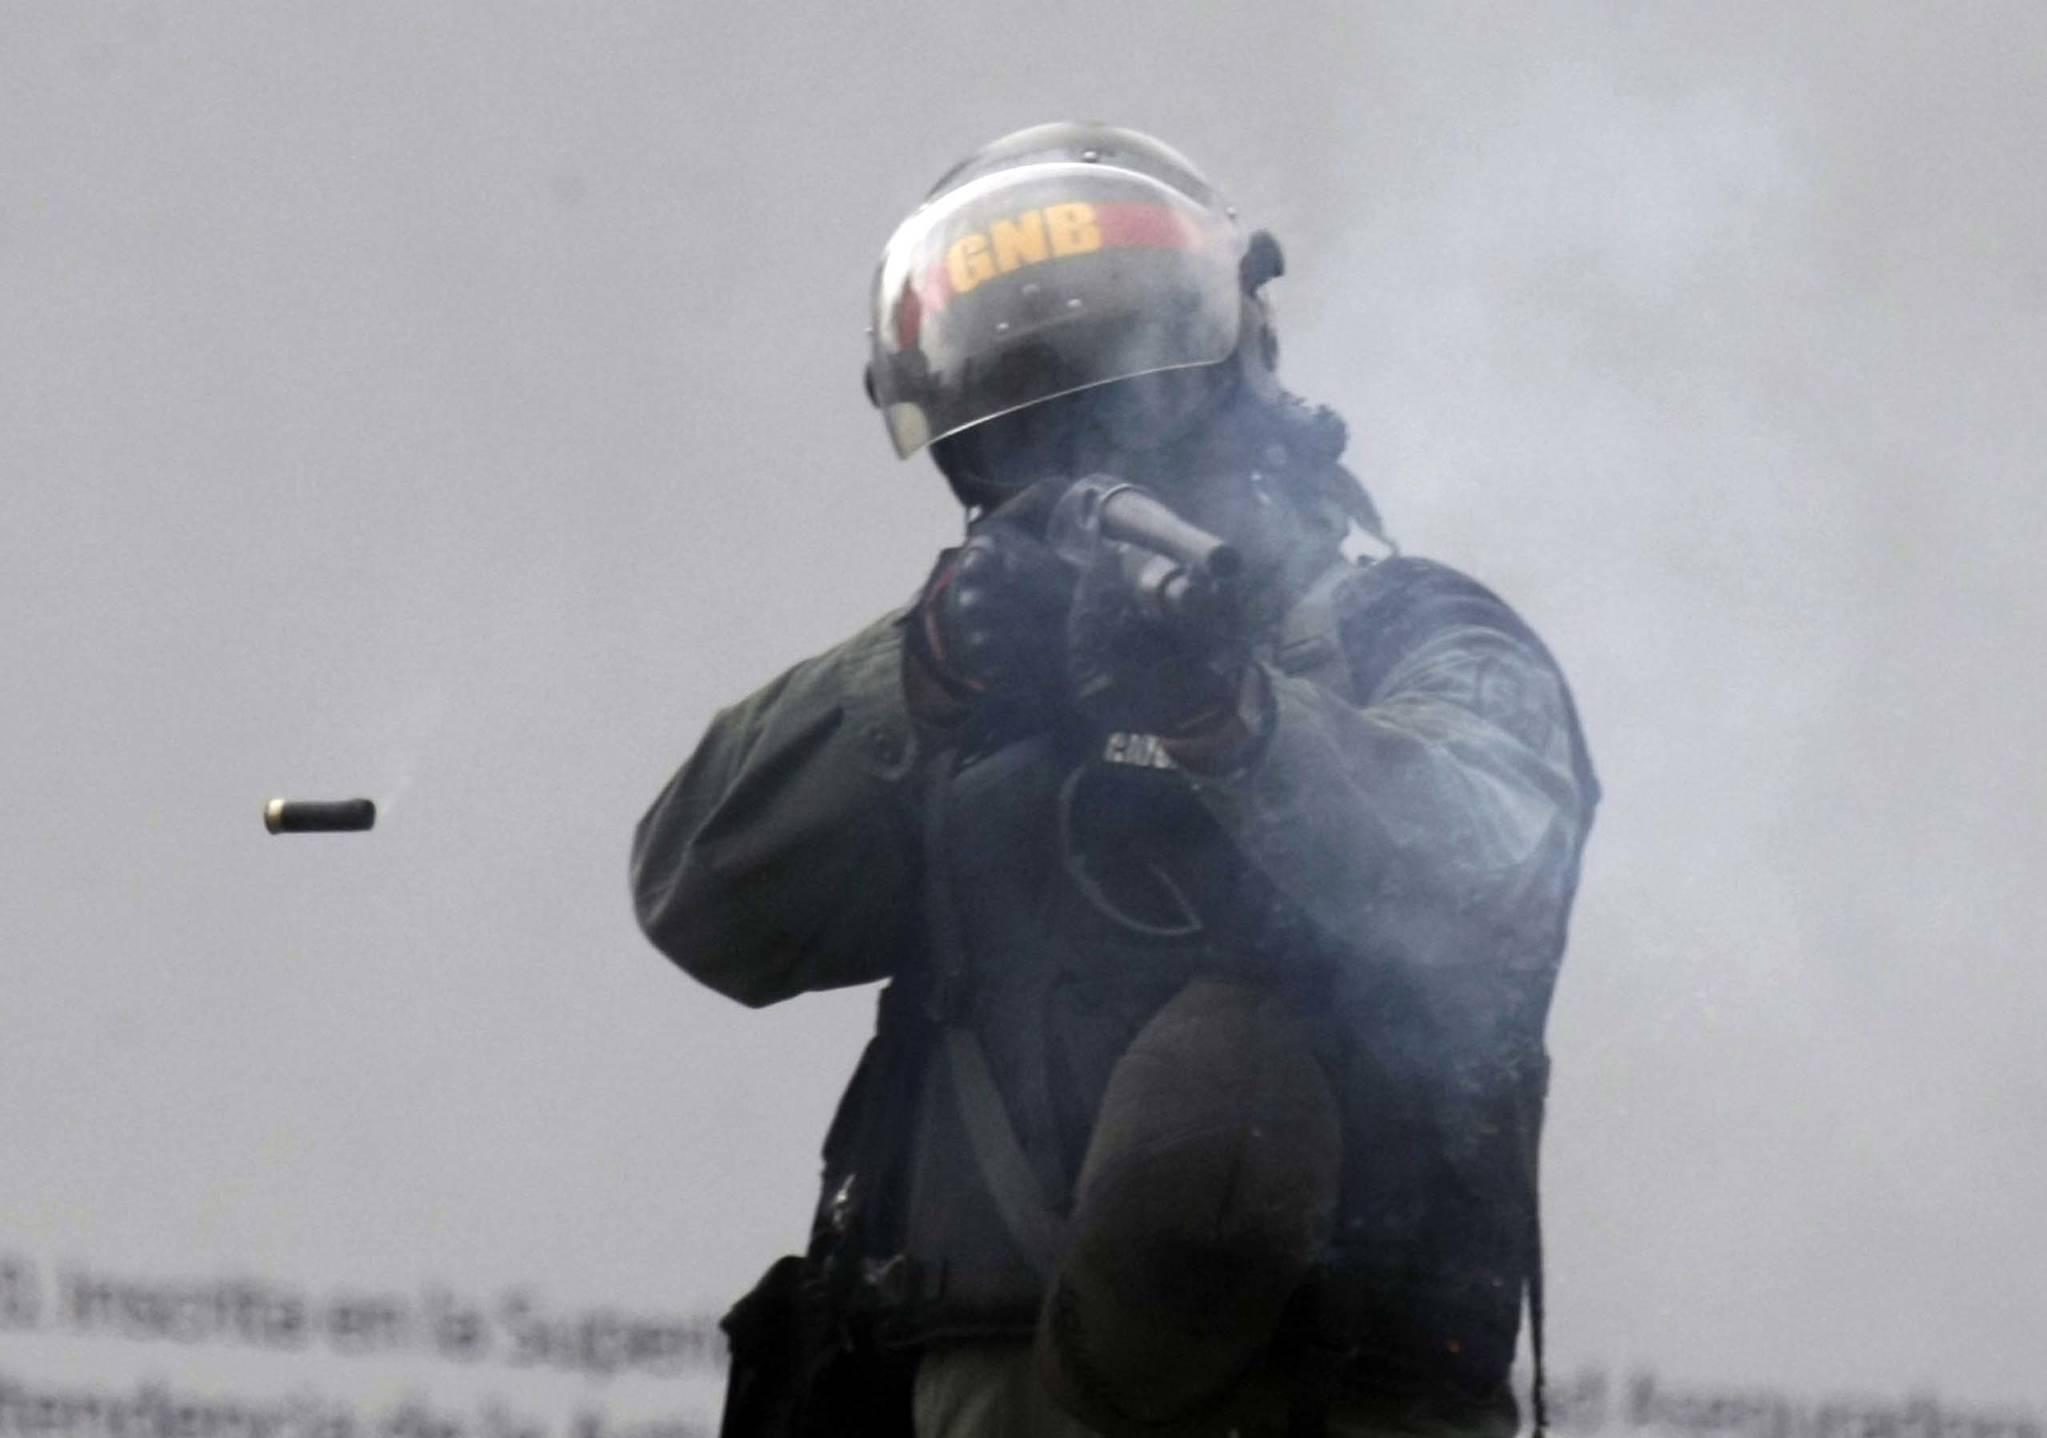 베네수엘라 경찰이 지난 6월 7일(현지시간) 카라카스에서 반정부 시위대를 향해 총(shotgun)을 쏘고 있다.[AP=연합뉴스]